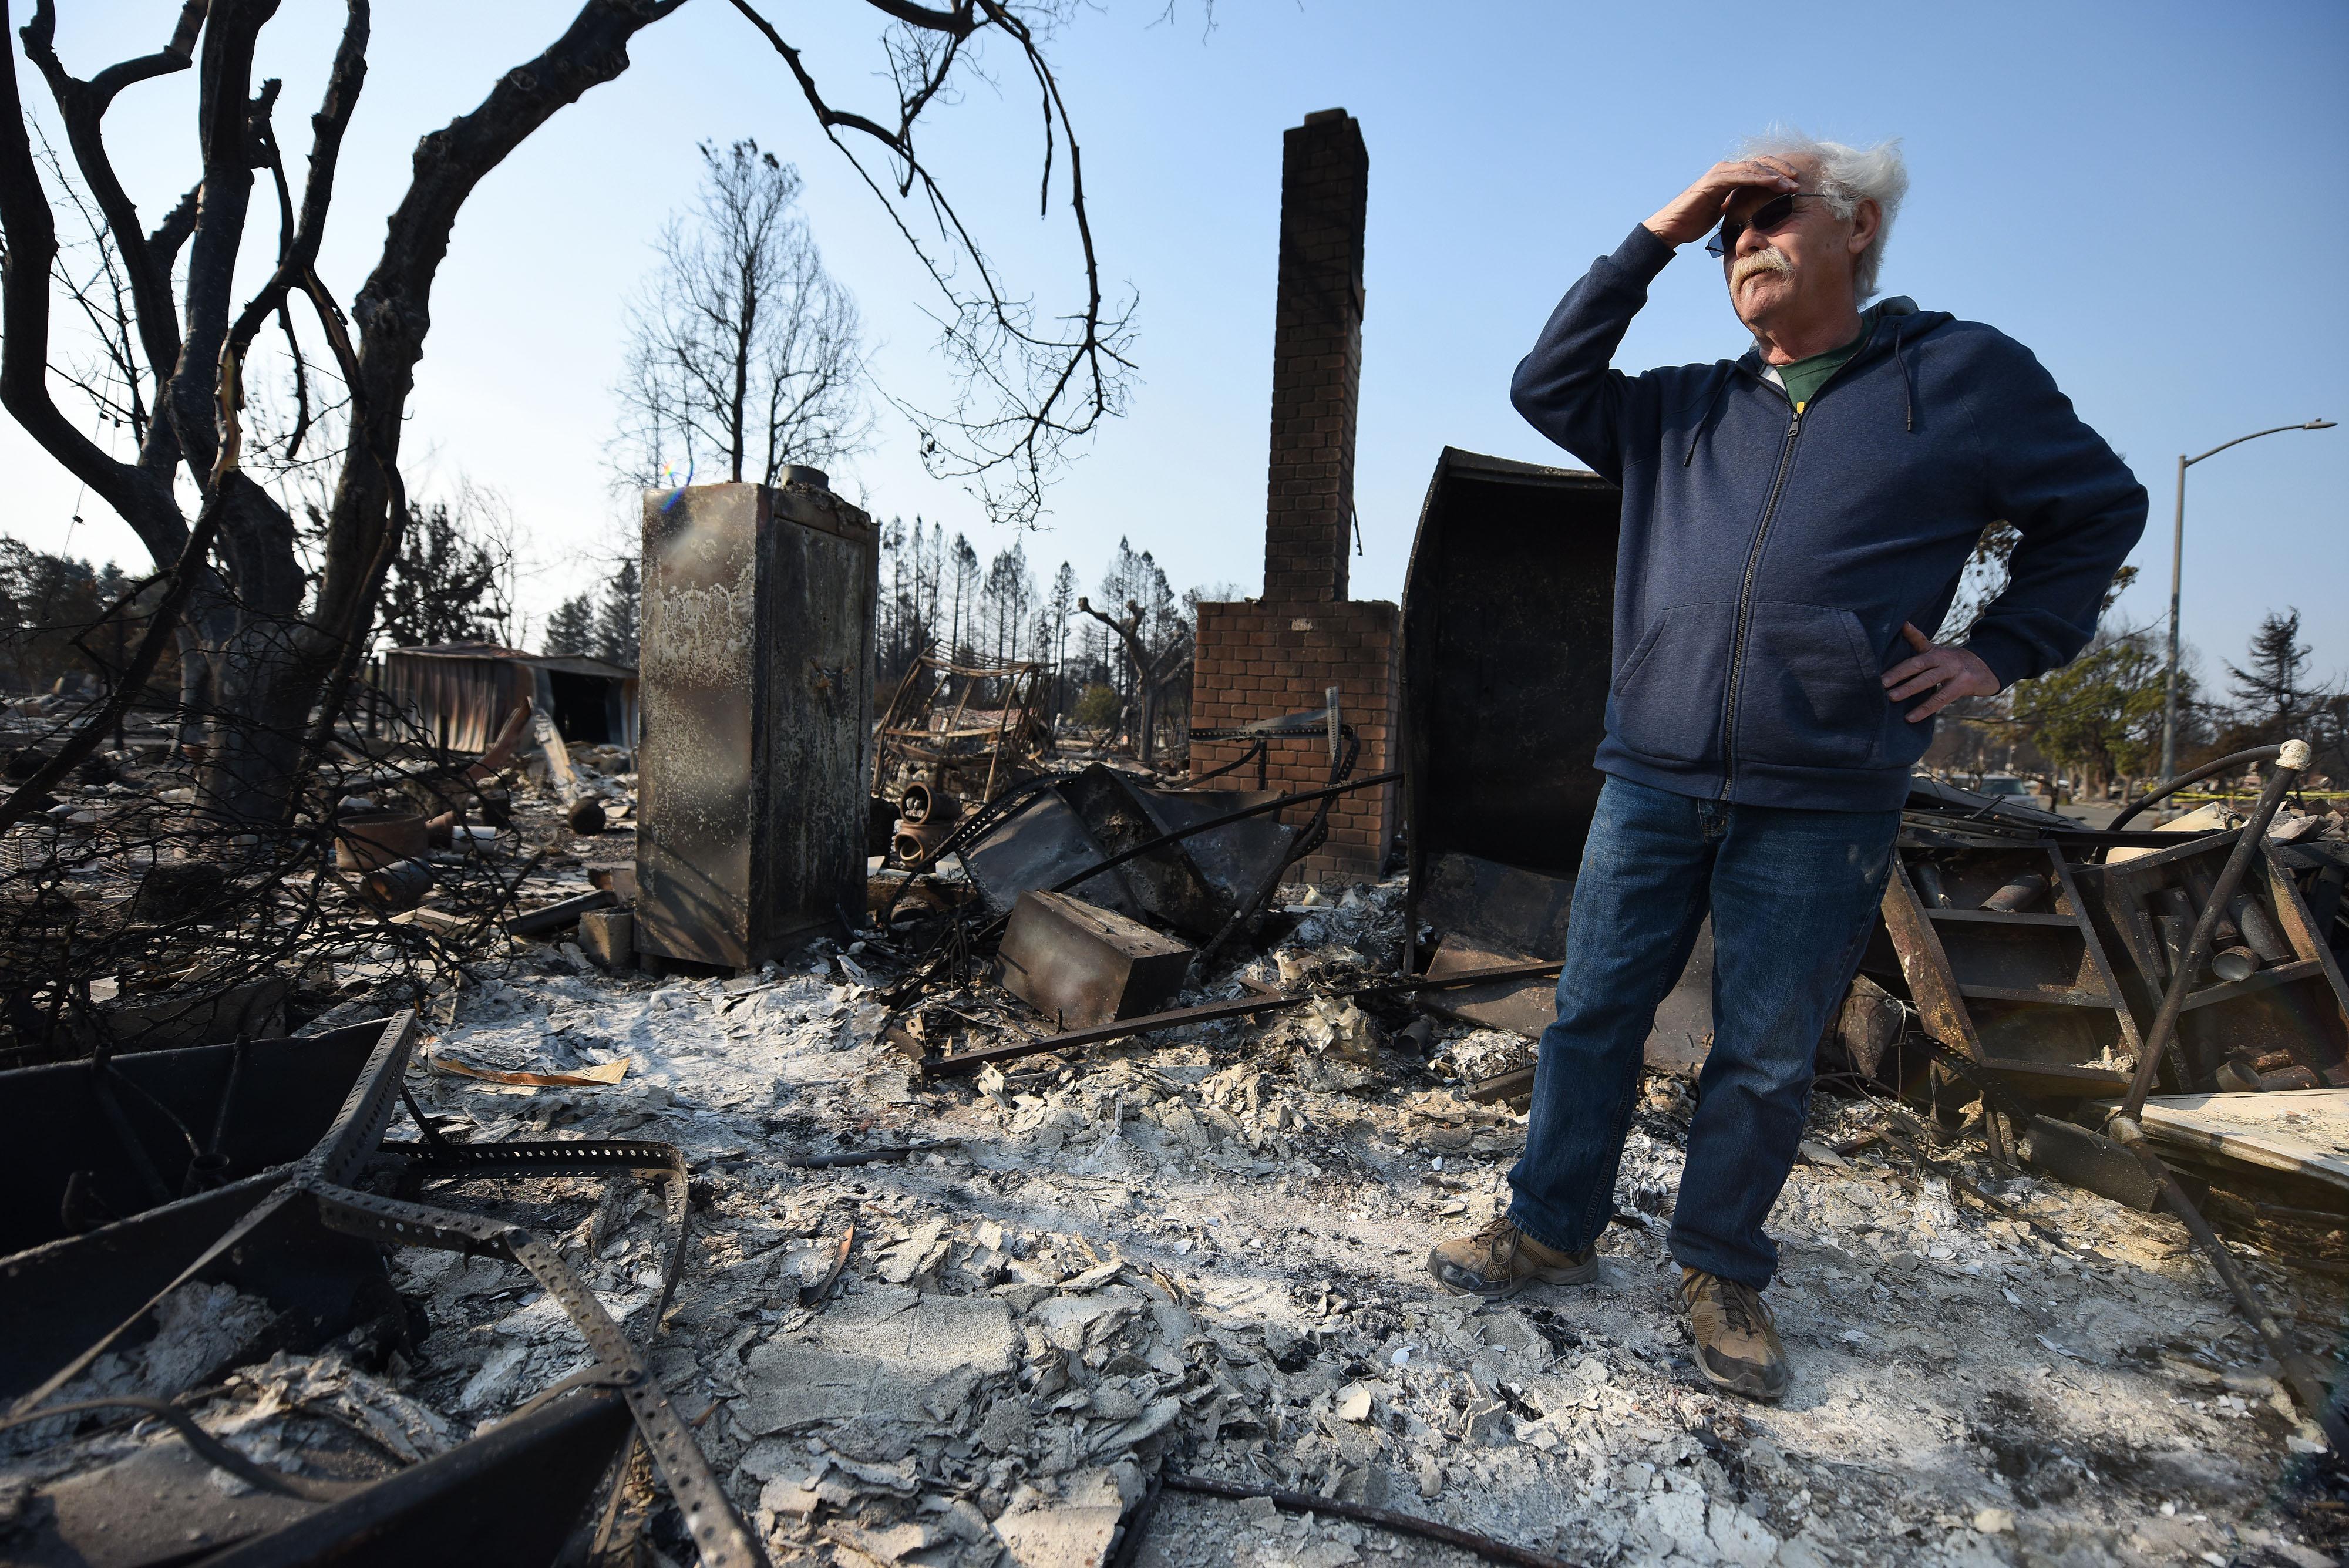 Incendios en California han devastado 3,500 edificaciones: entre los más destructivos de su historia